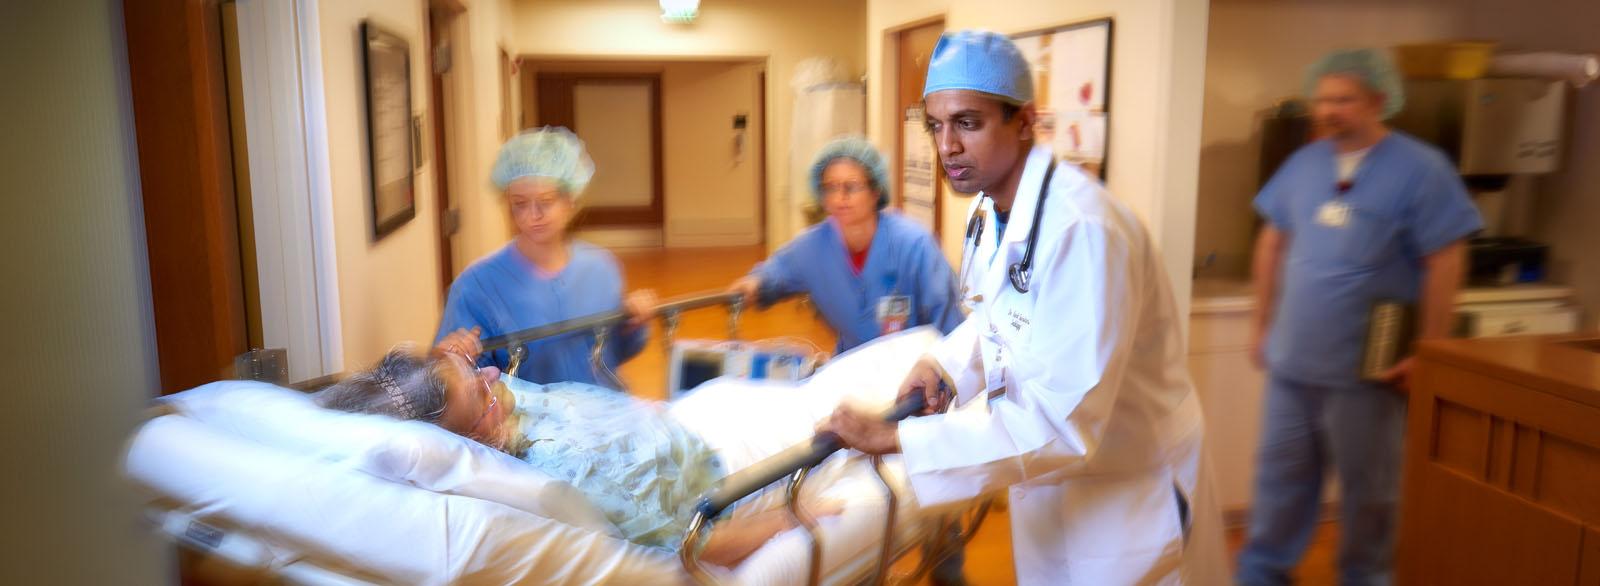 Heart and Vascular Center | Columbus Regional Health